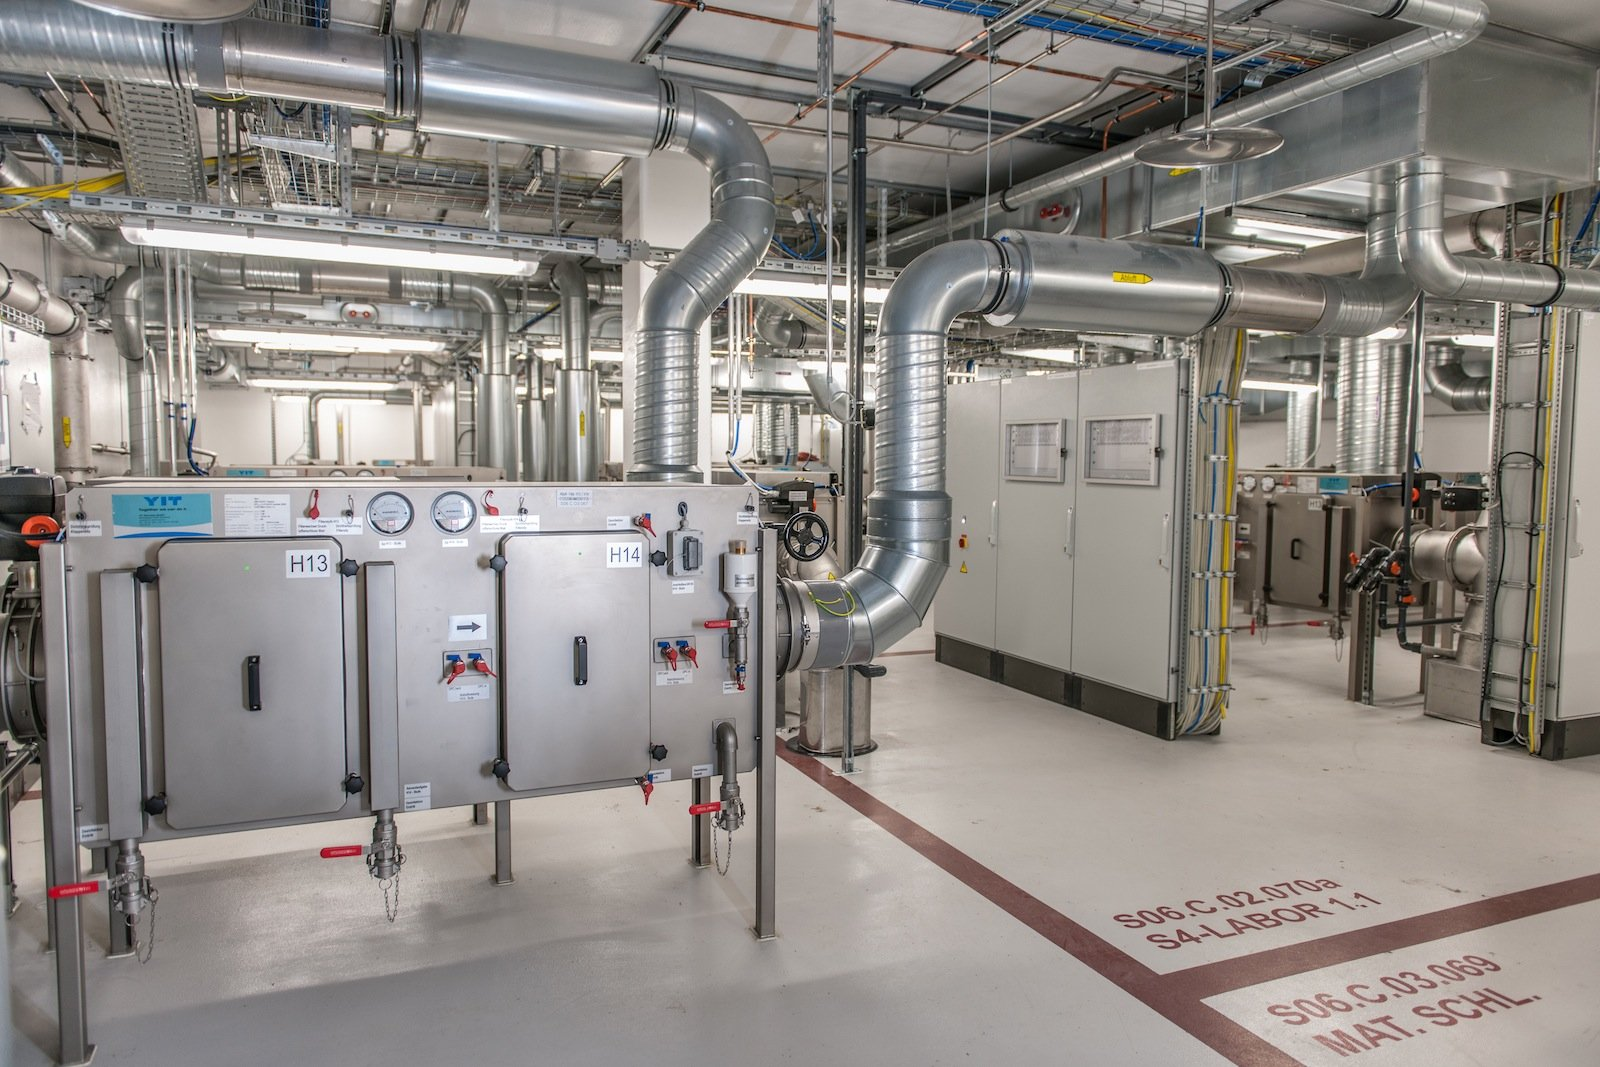 Die gesamte Abluft aus dem Hochsicherheitslabor wird über ein mehrstufiges Filtersystem mit hocheffizienten Filtern (HEPA-Filter) geführt. Damit ist sichergestellt, dass keine Erreger nach außen gelangen können. Die Abluftmenge des Hochsicherheitslabors beträgt mehr als 20.000 m³/Stunde.